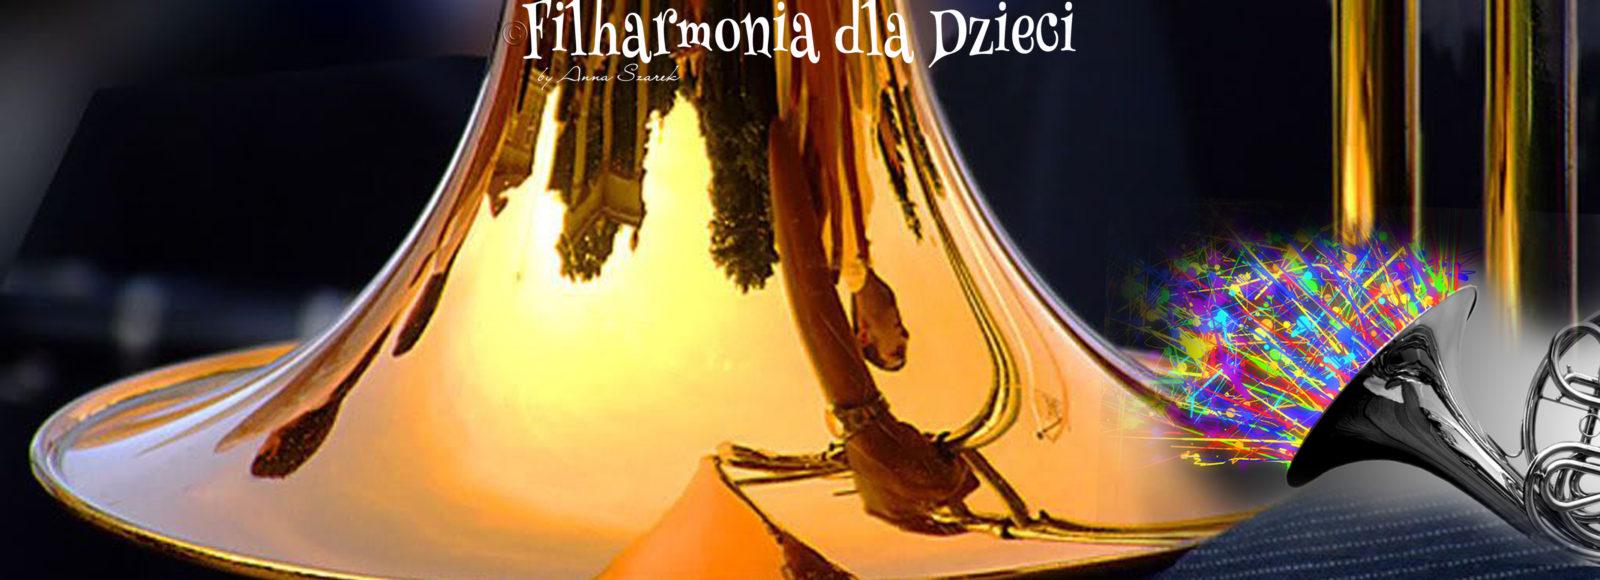 Filharmonia-dla-dzieci-koncerty-dla-dzieci-klasyczna-barok-jazz-marzec-wilanow